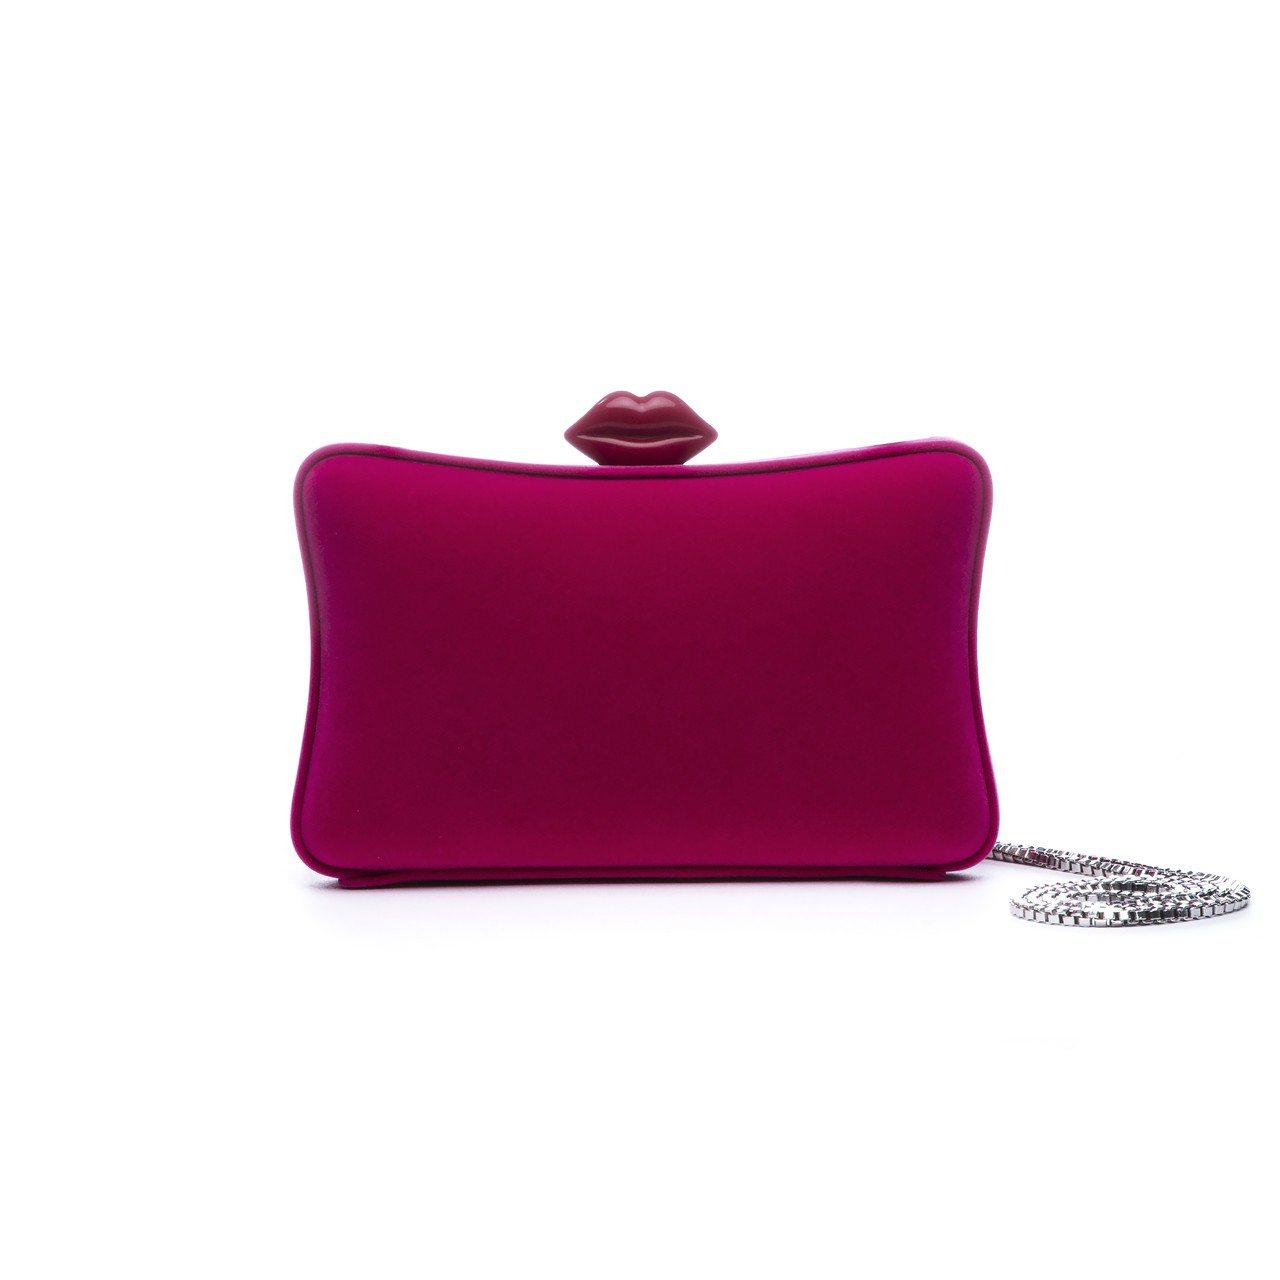 天鵝絨手拿包 (桃紅) ,13,800元。圖/LULU GUINNESS提供